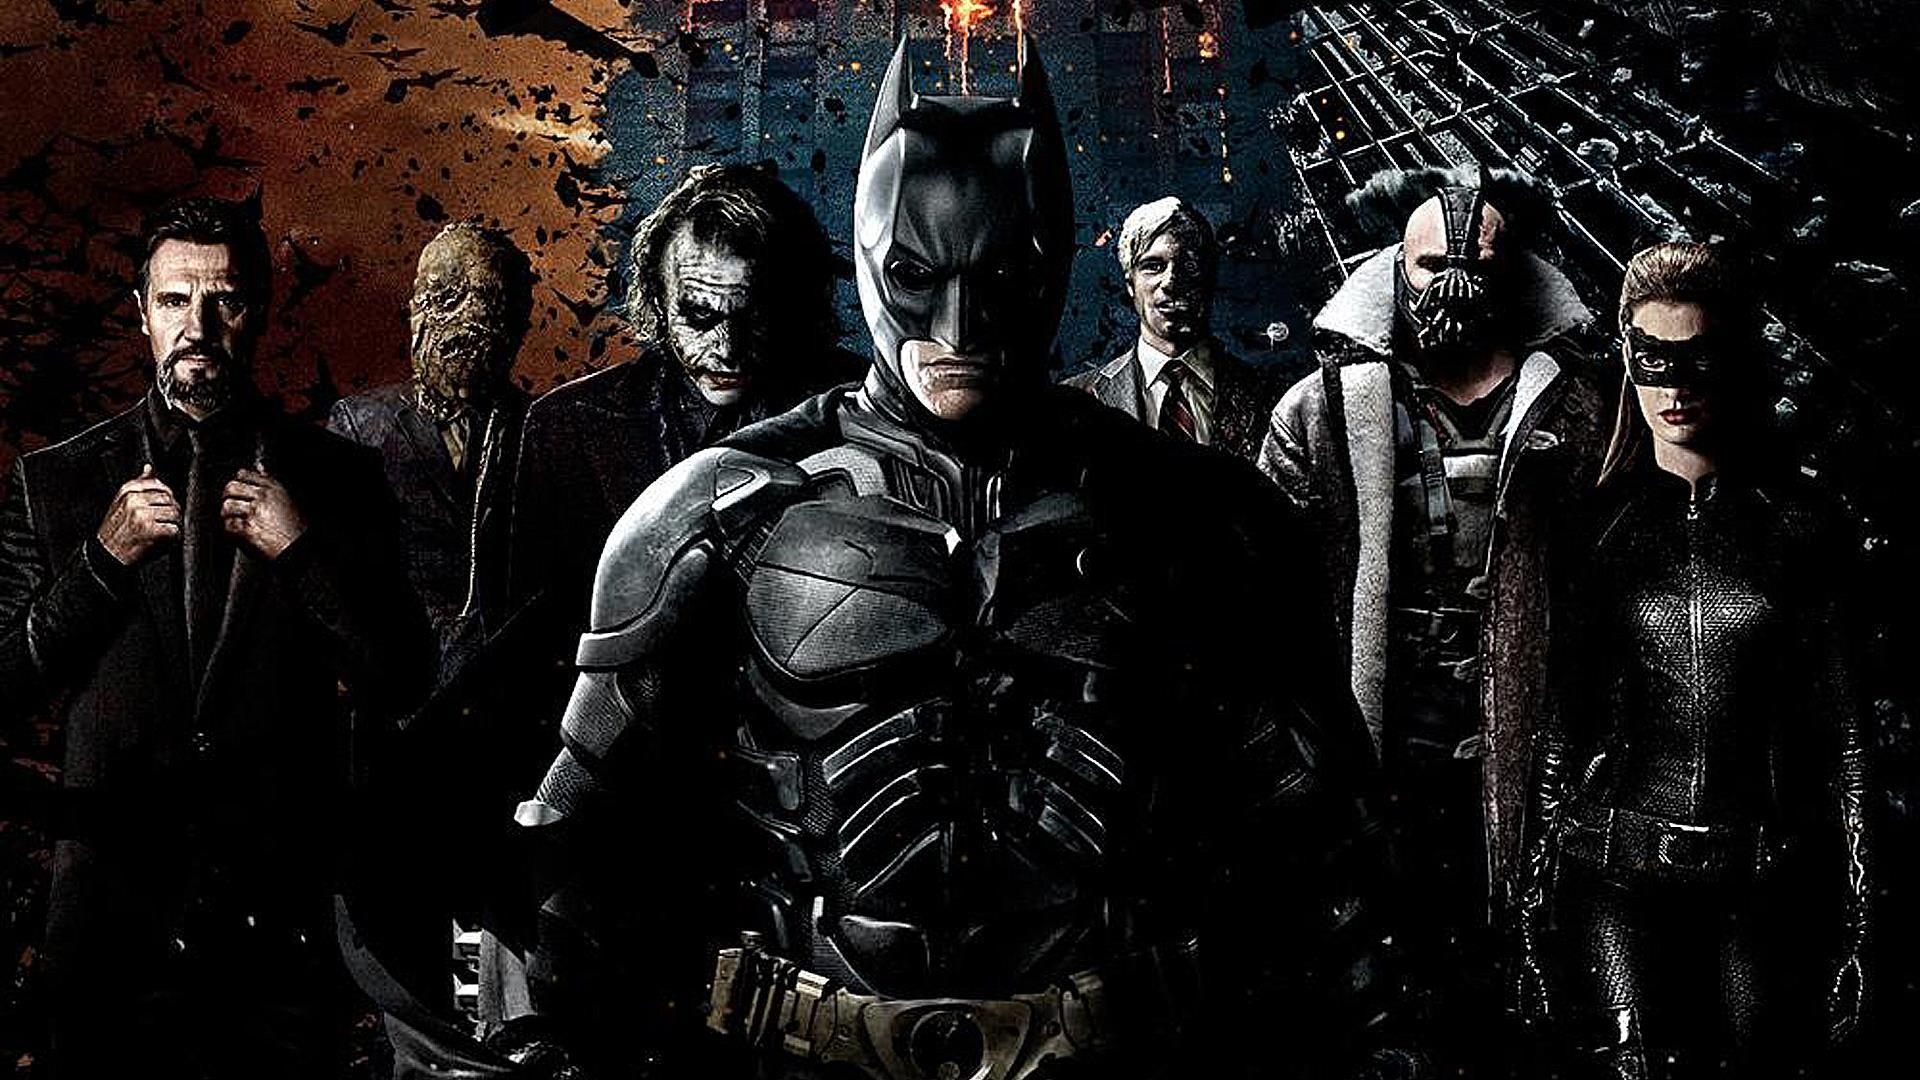 Dark Knight Wallpaper × The Dark Knight Wallpapers HD | HD ...